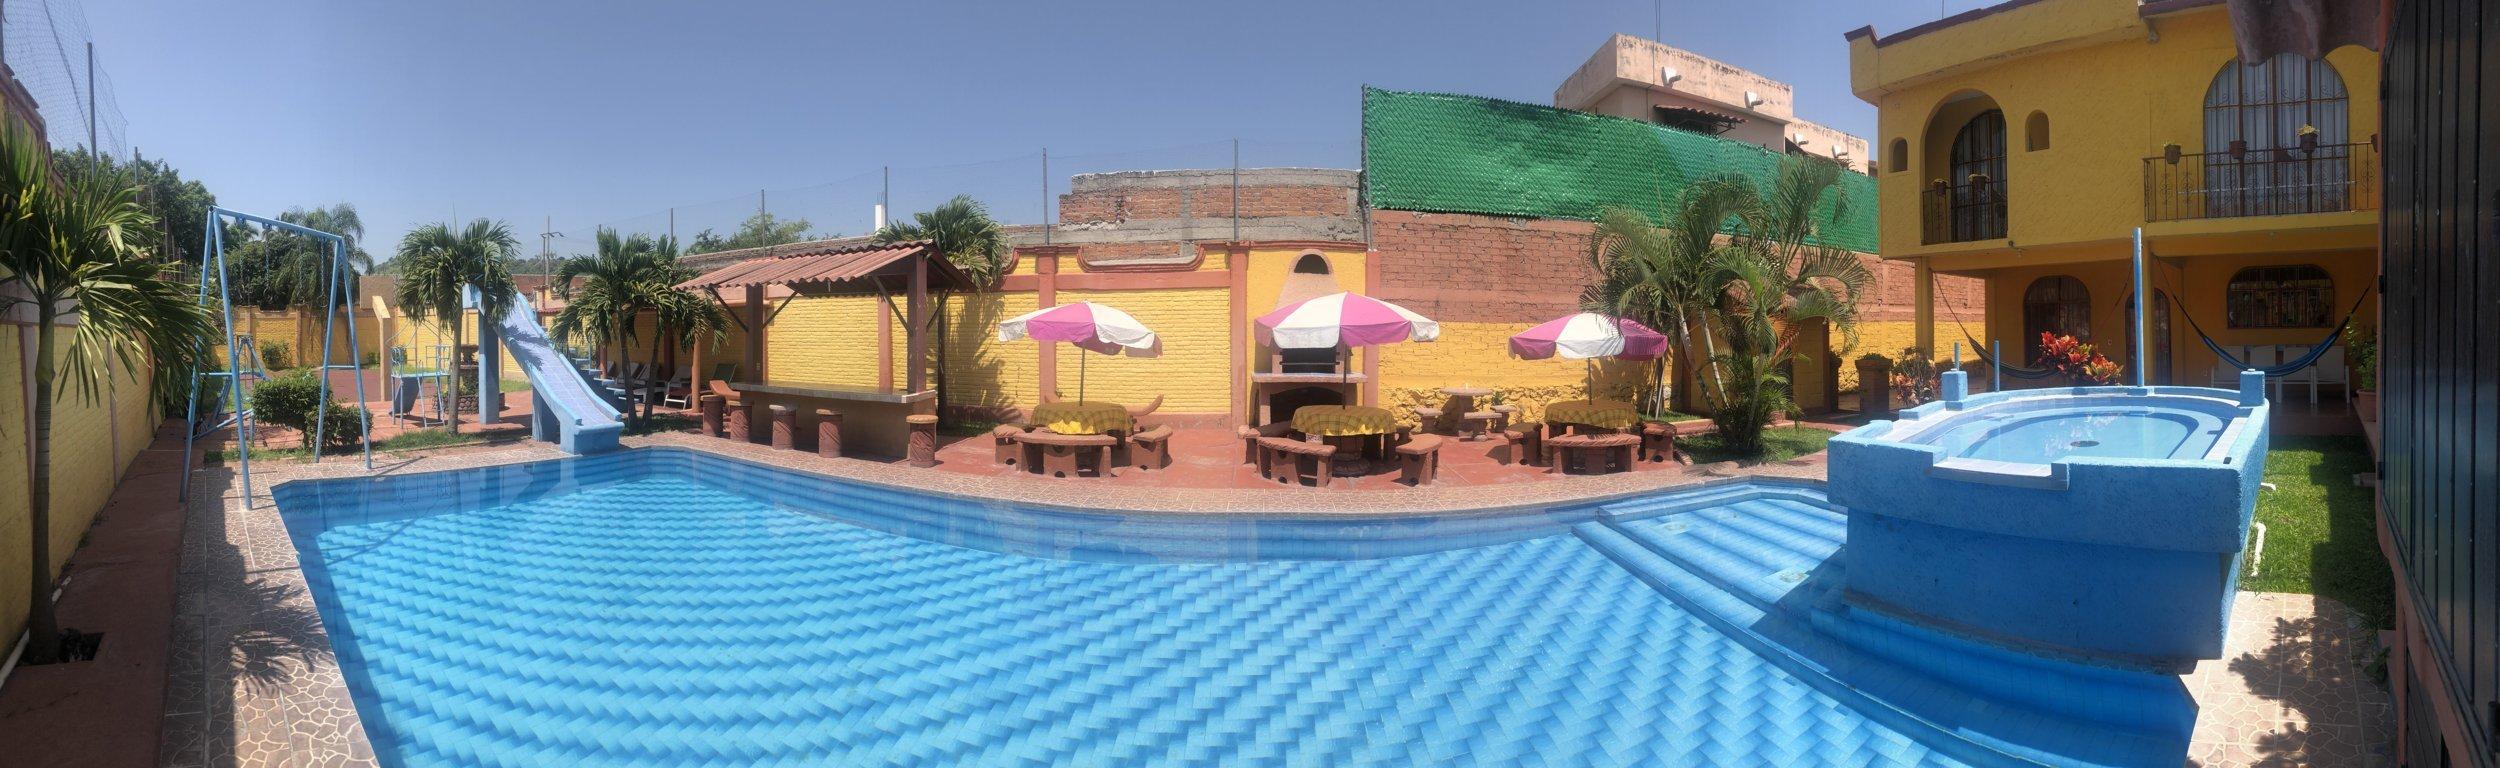 Casa josefa weekend cuernavaca - Casas para fines de semana ...